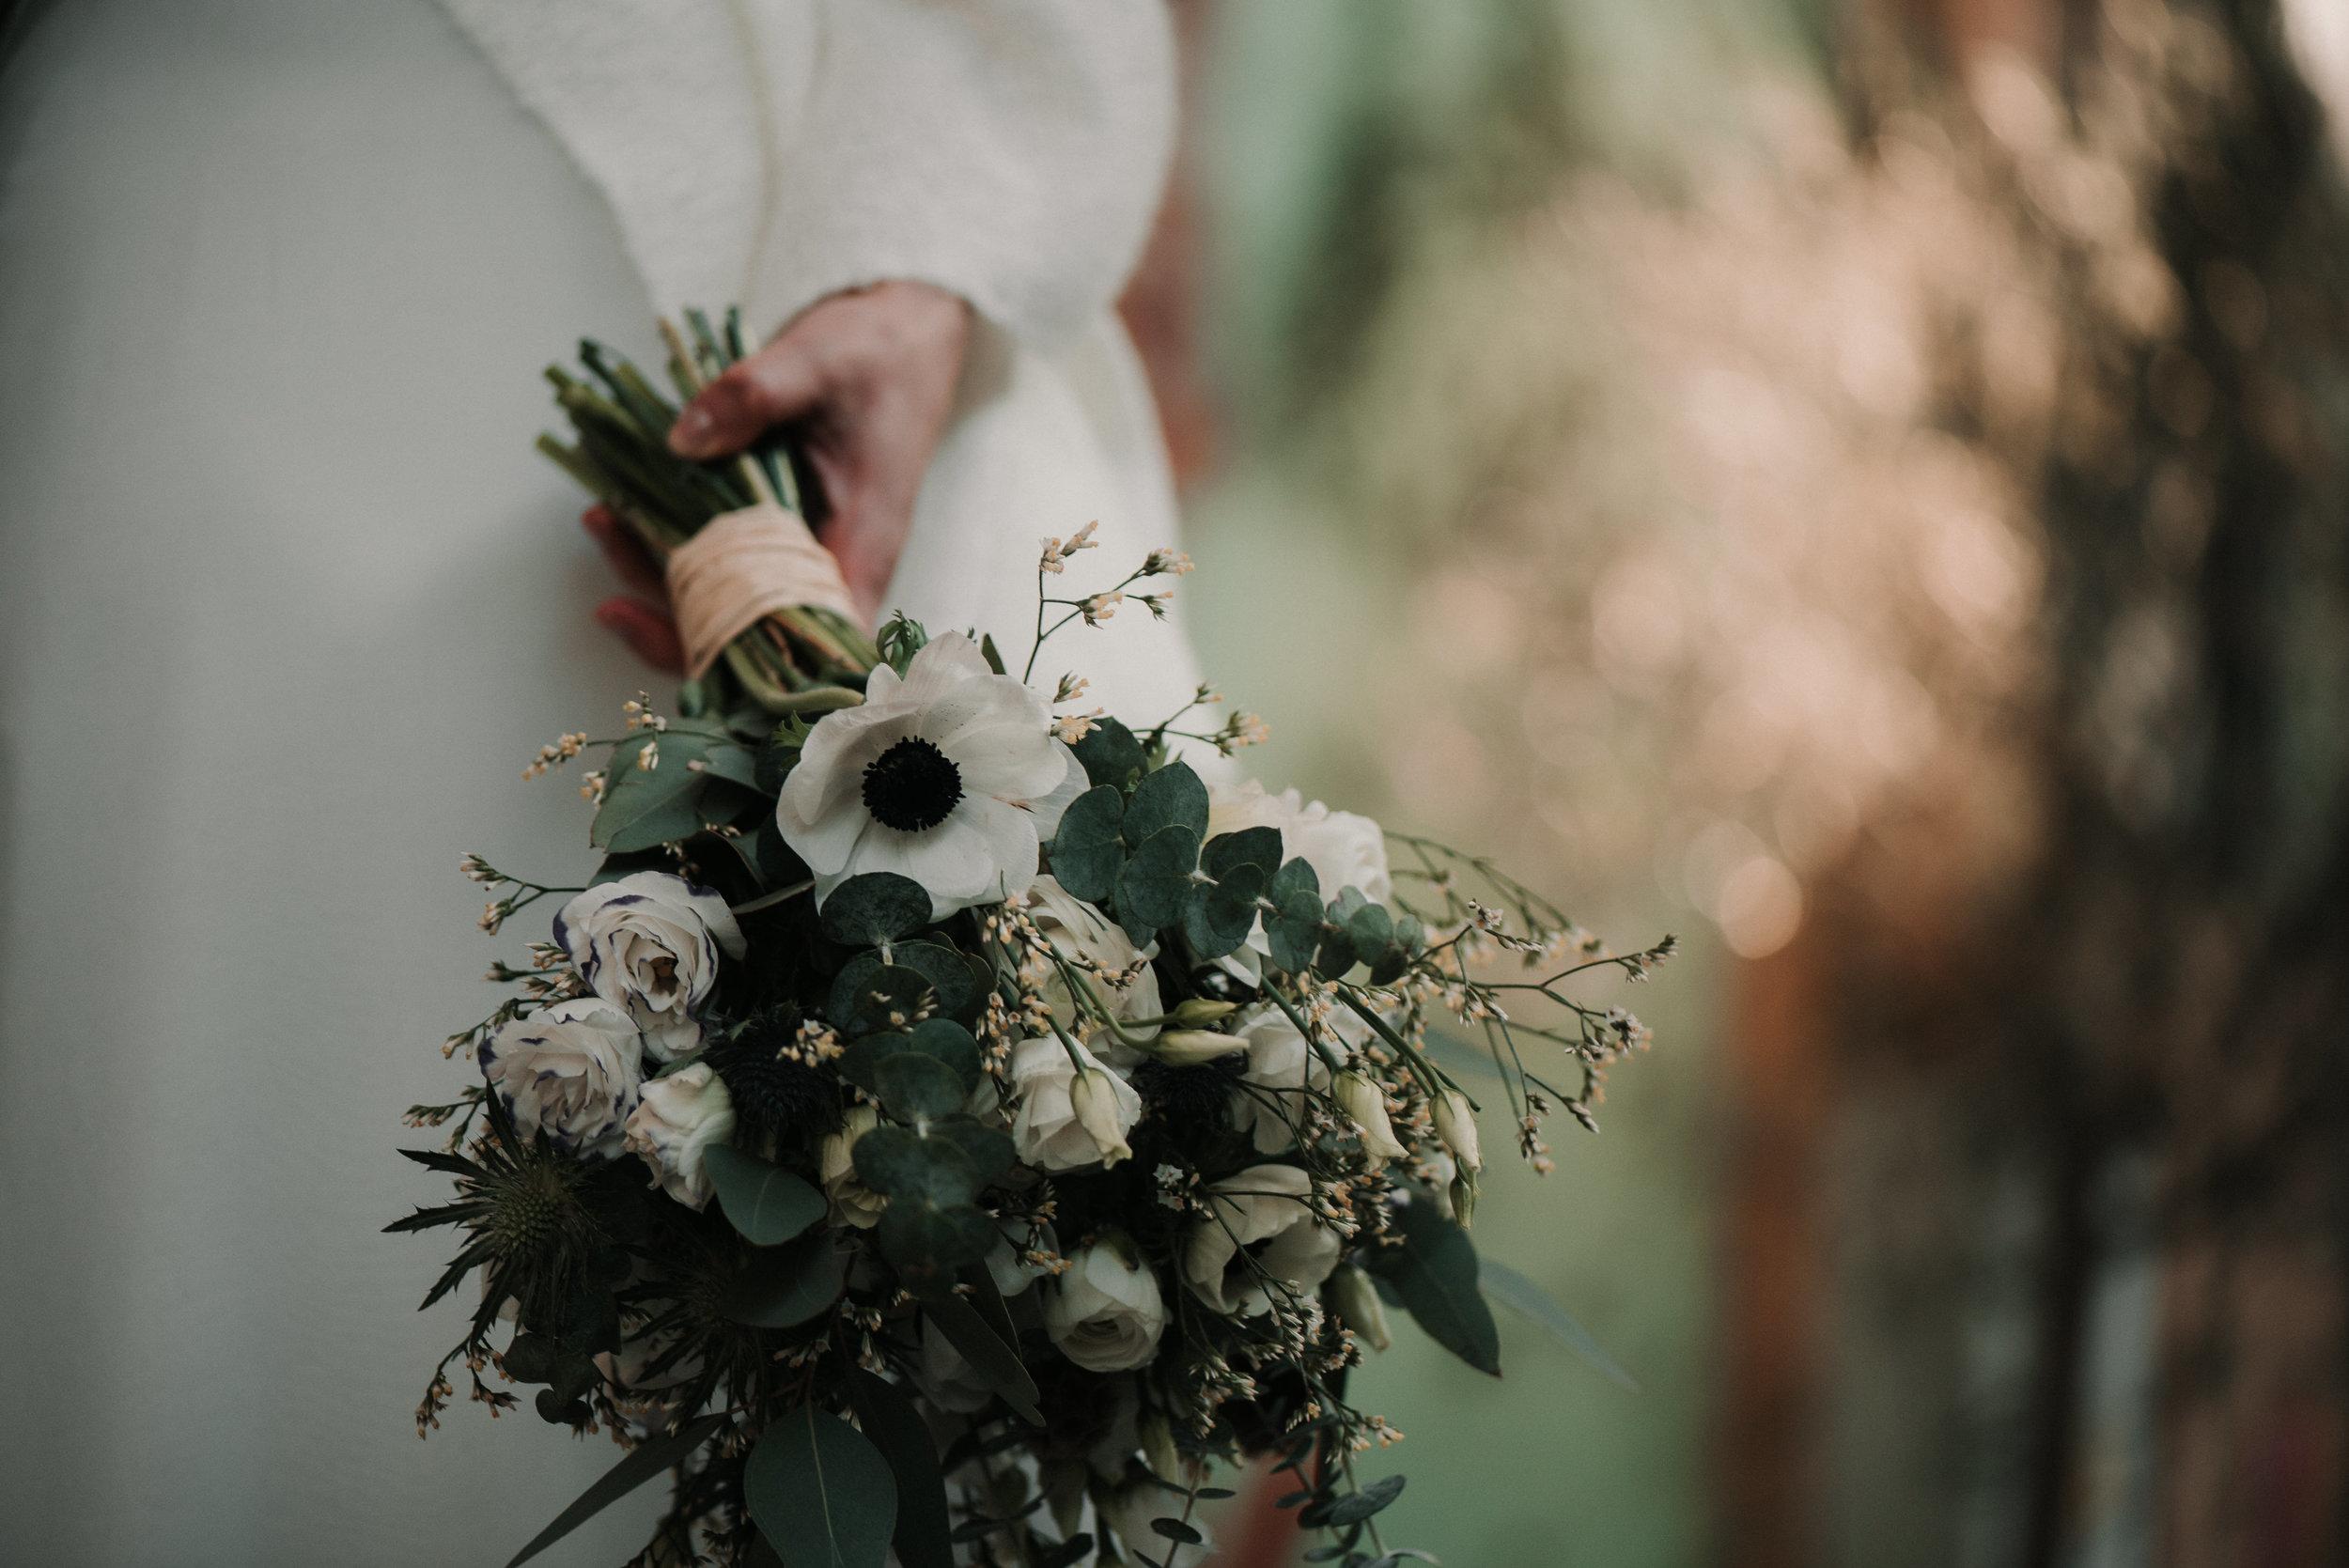 Léa-Fery-photographe-professionnel-lyon-rhone-alpes-portrait-creation-mariage-evenement-evenementiel-famille-1509.jpg